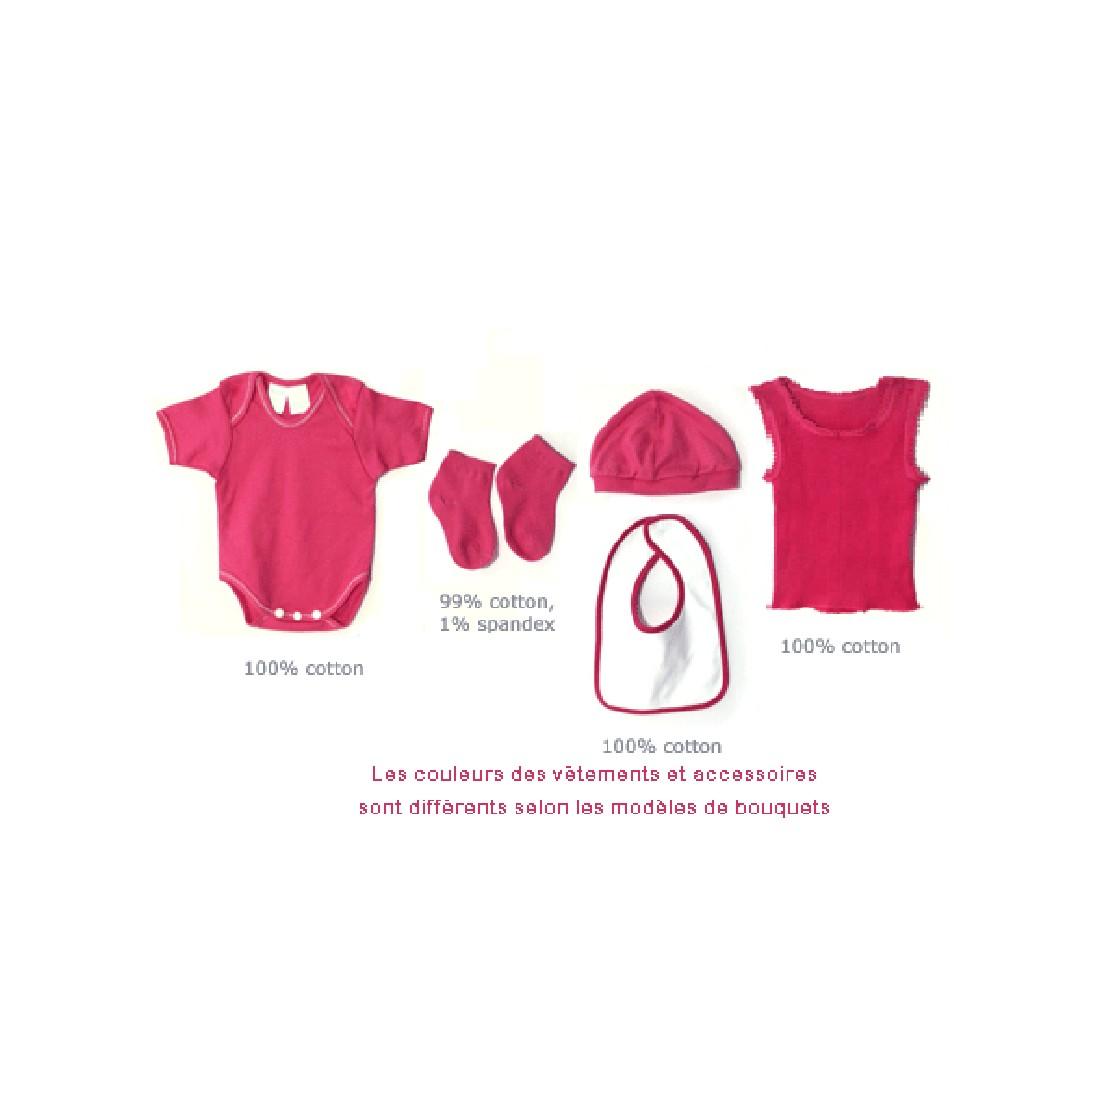 le cadeau de naissance ideal layette originale bebe fille